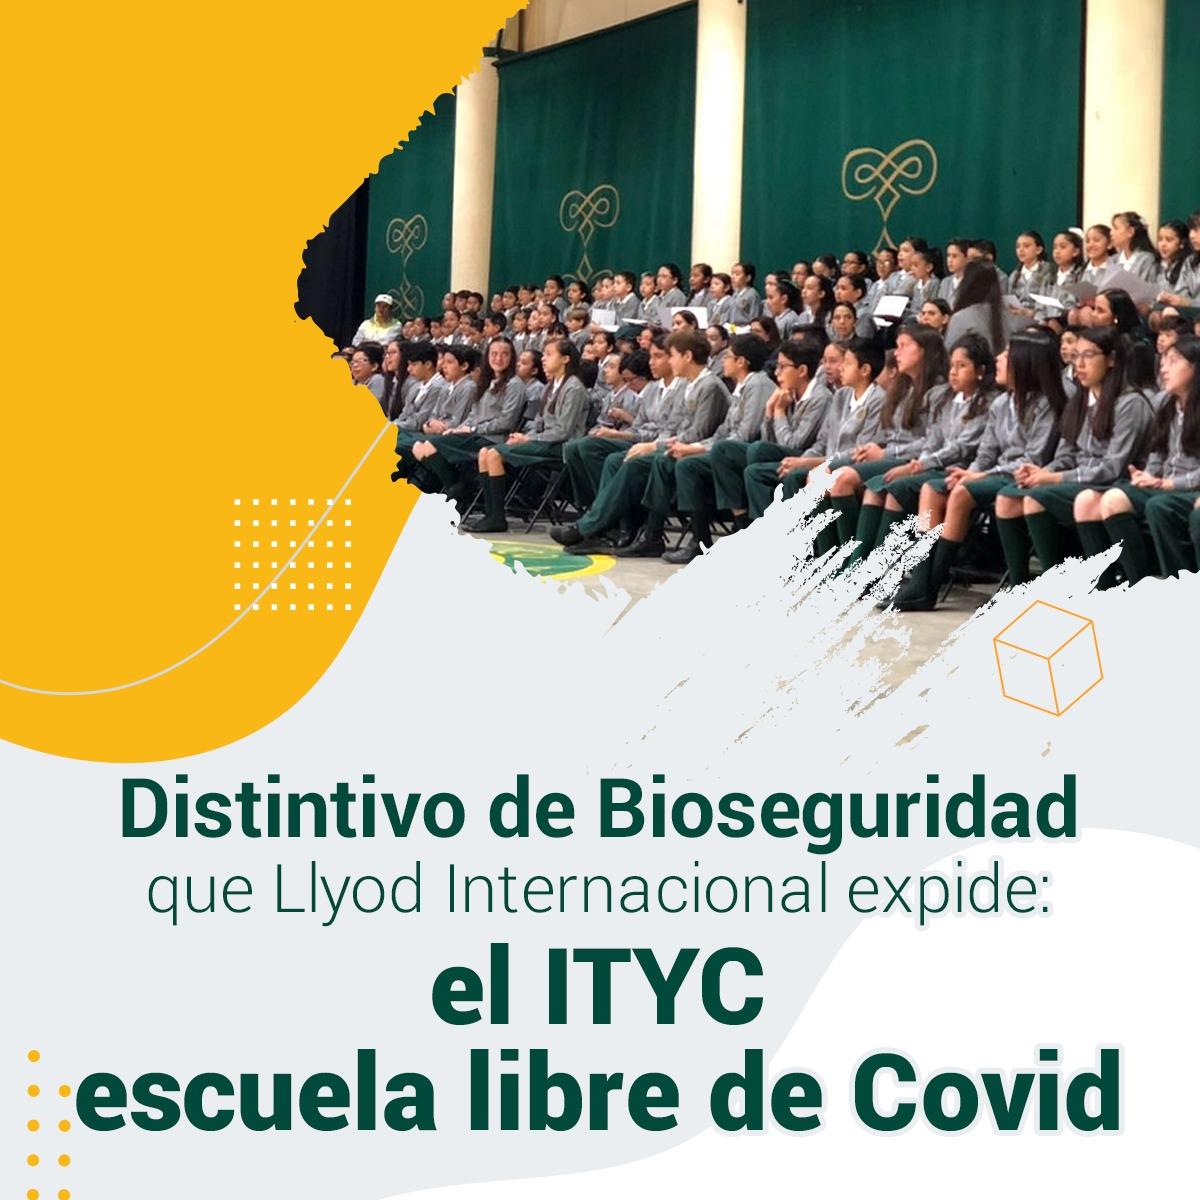 El ITYC, escuela libre de COVID